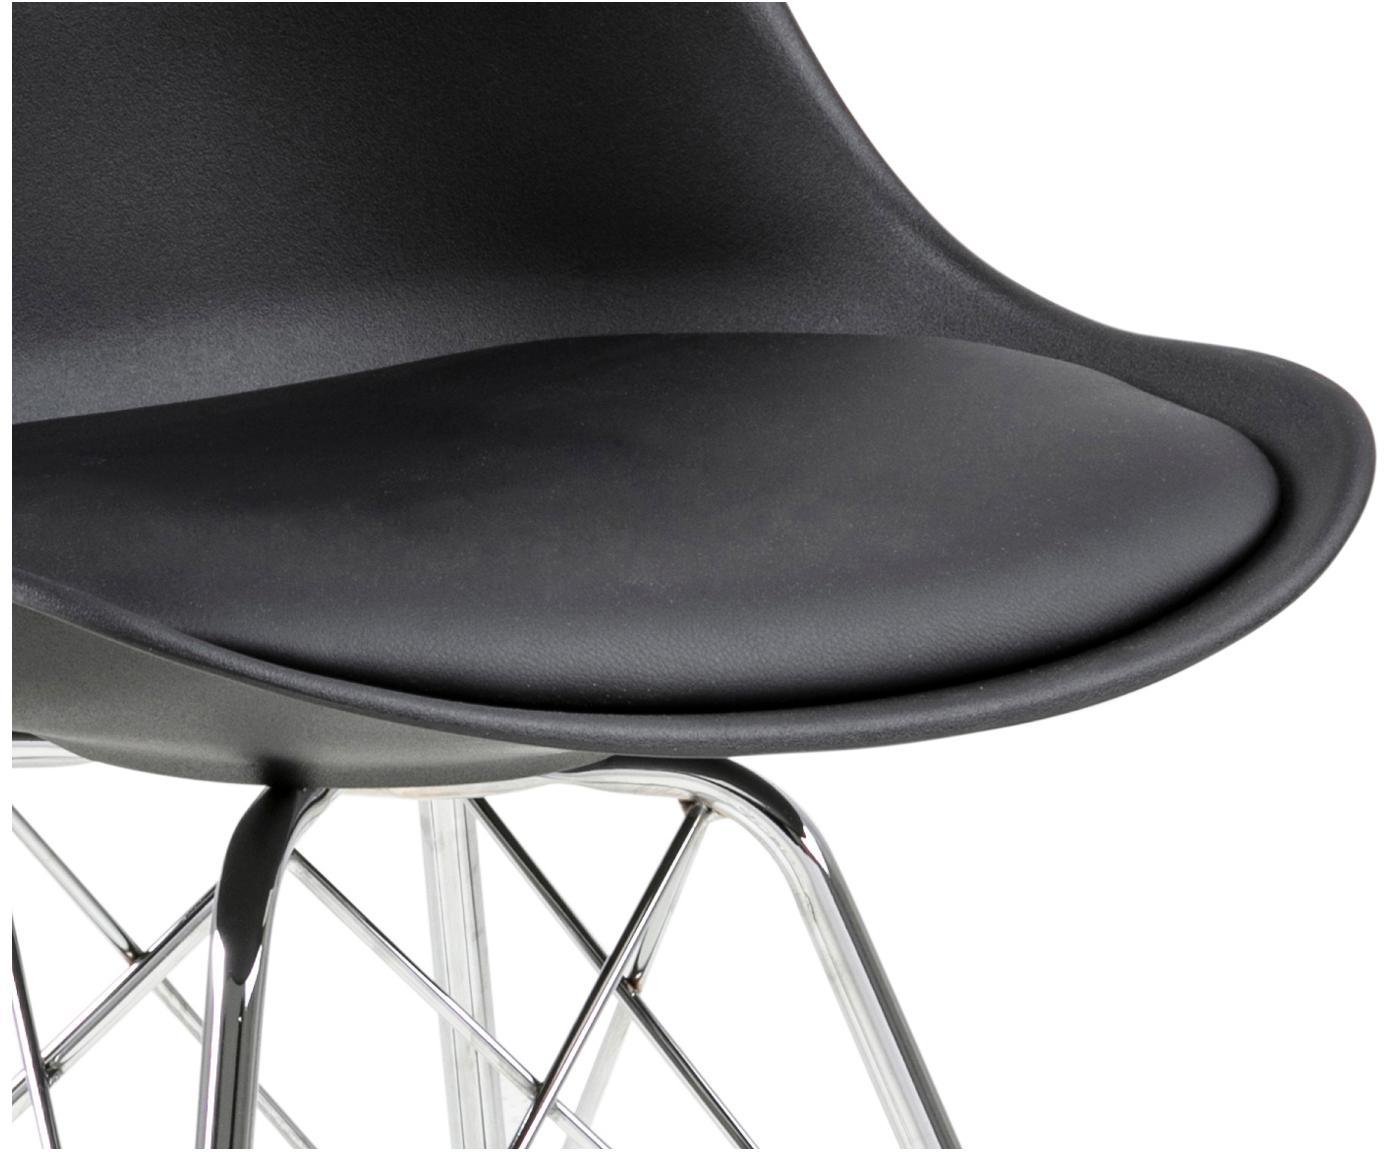 Kunststoff-Stühle Eris, 2 Stück, Sitzschale: Kunststoff, Sitzfläche: Kunstleder, Beine: Metall, verchromt, Schwarz, Beine Chrom, B 49 x T 54 cm